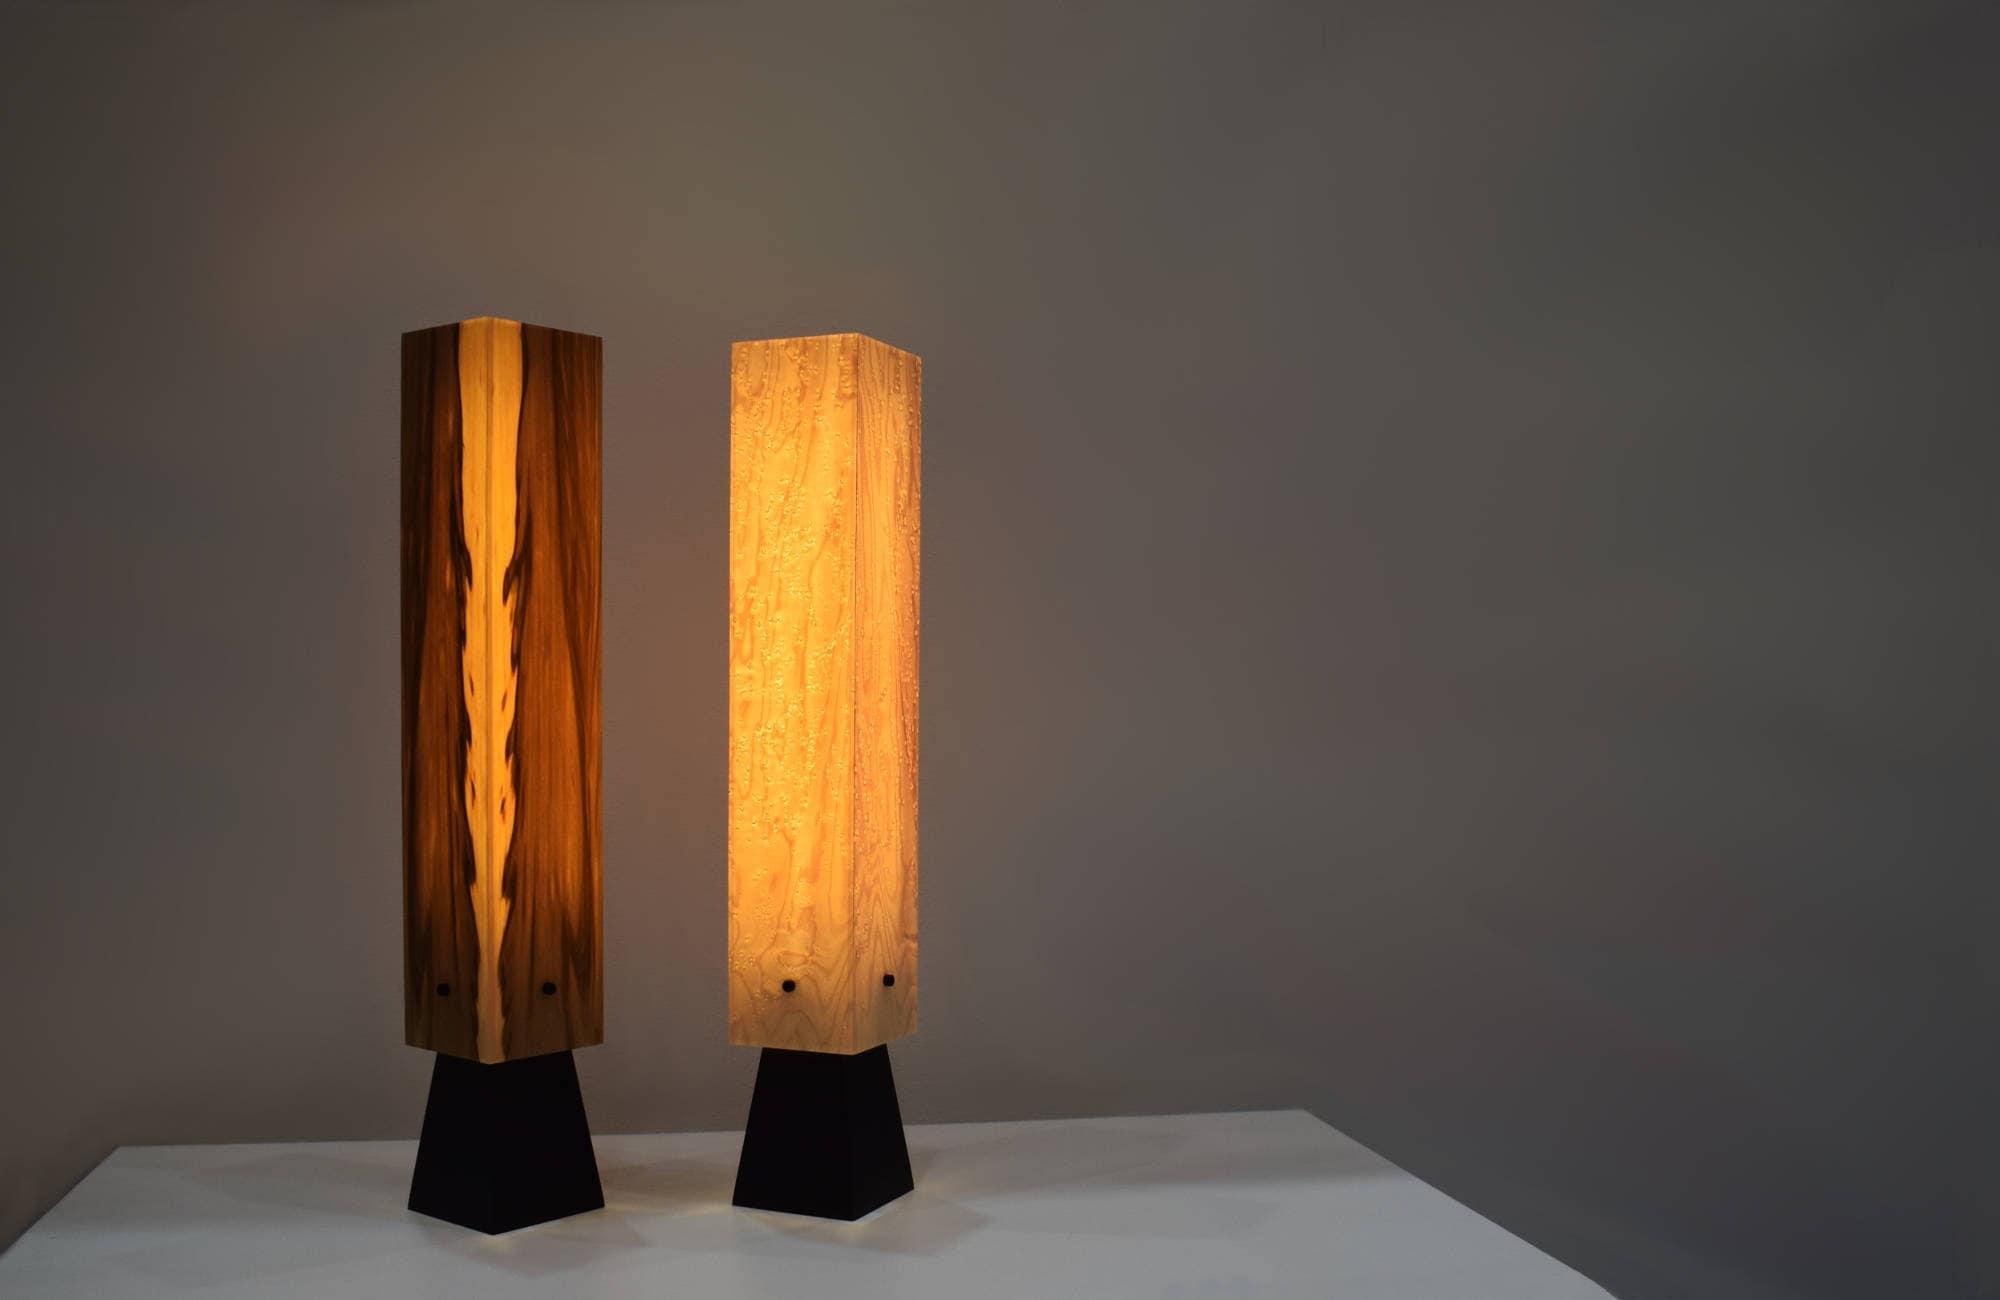 holzlampe tischlampe aus holz echtholzfurnier led mit etsy. Black Bedroom Furniture Sets. Home Design Ideas